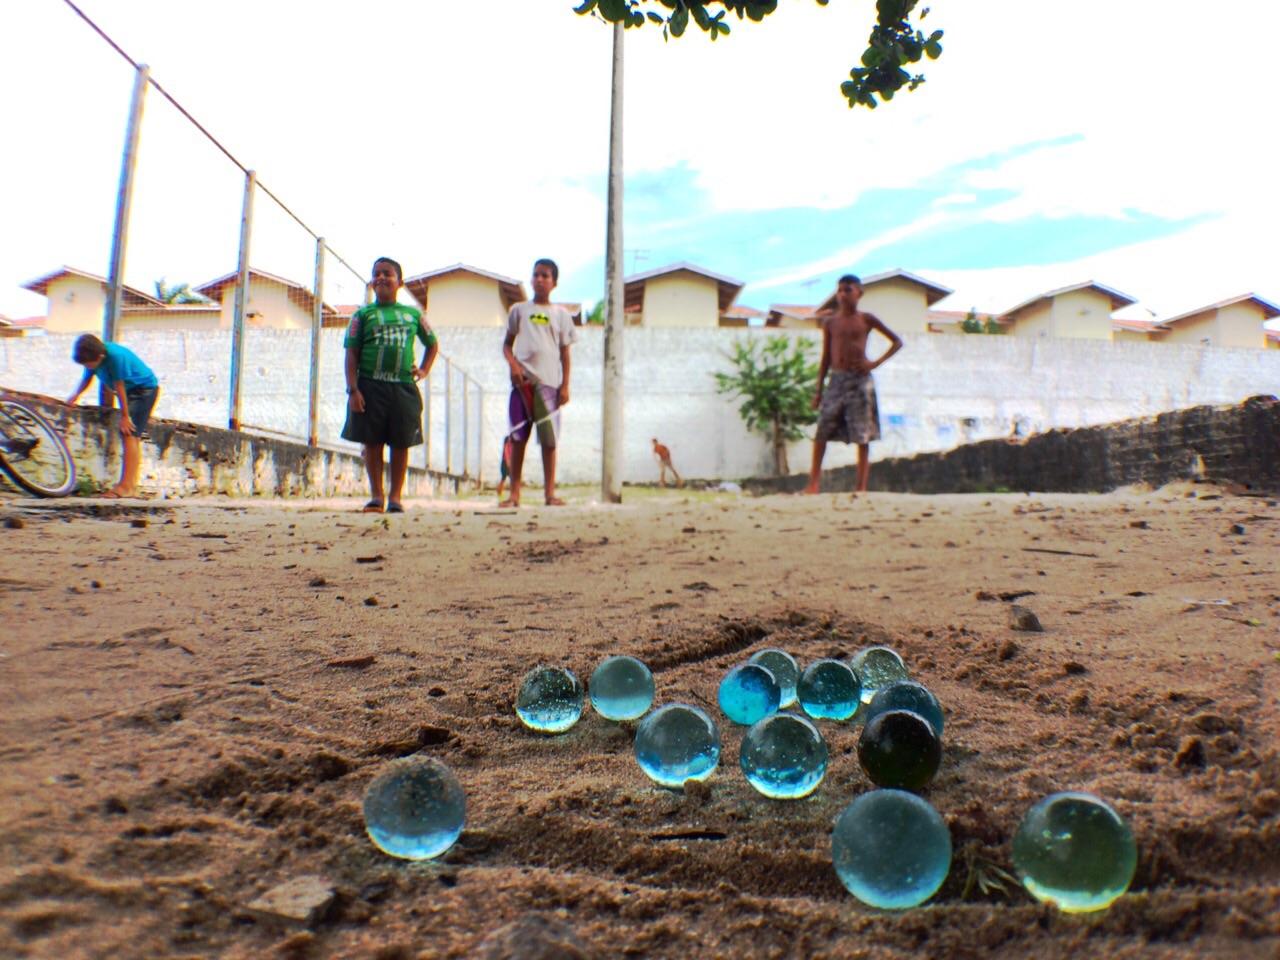 O I Torneio de Bila da Sapiranga teve seis sub-sedes (FOTO: Maisa Vasconcelos/Fortaleza365)